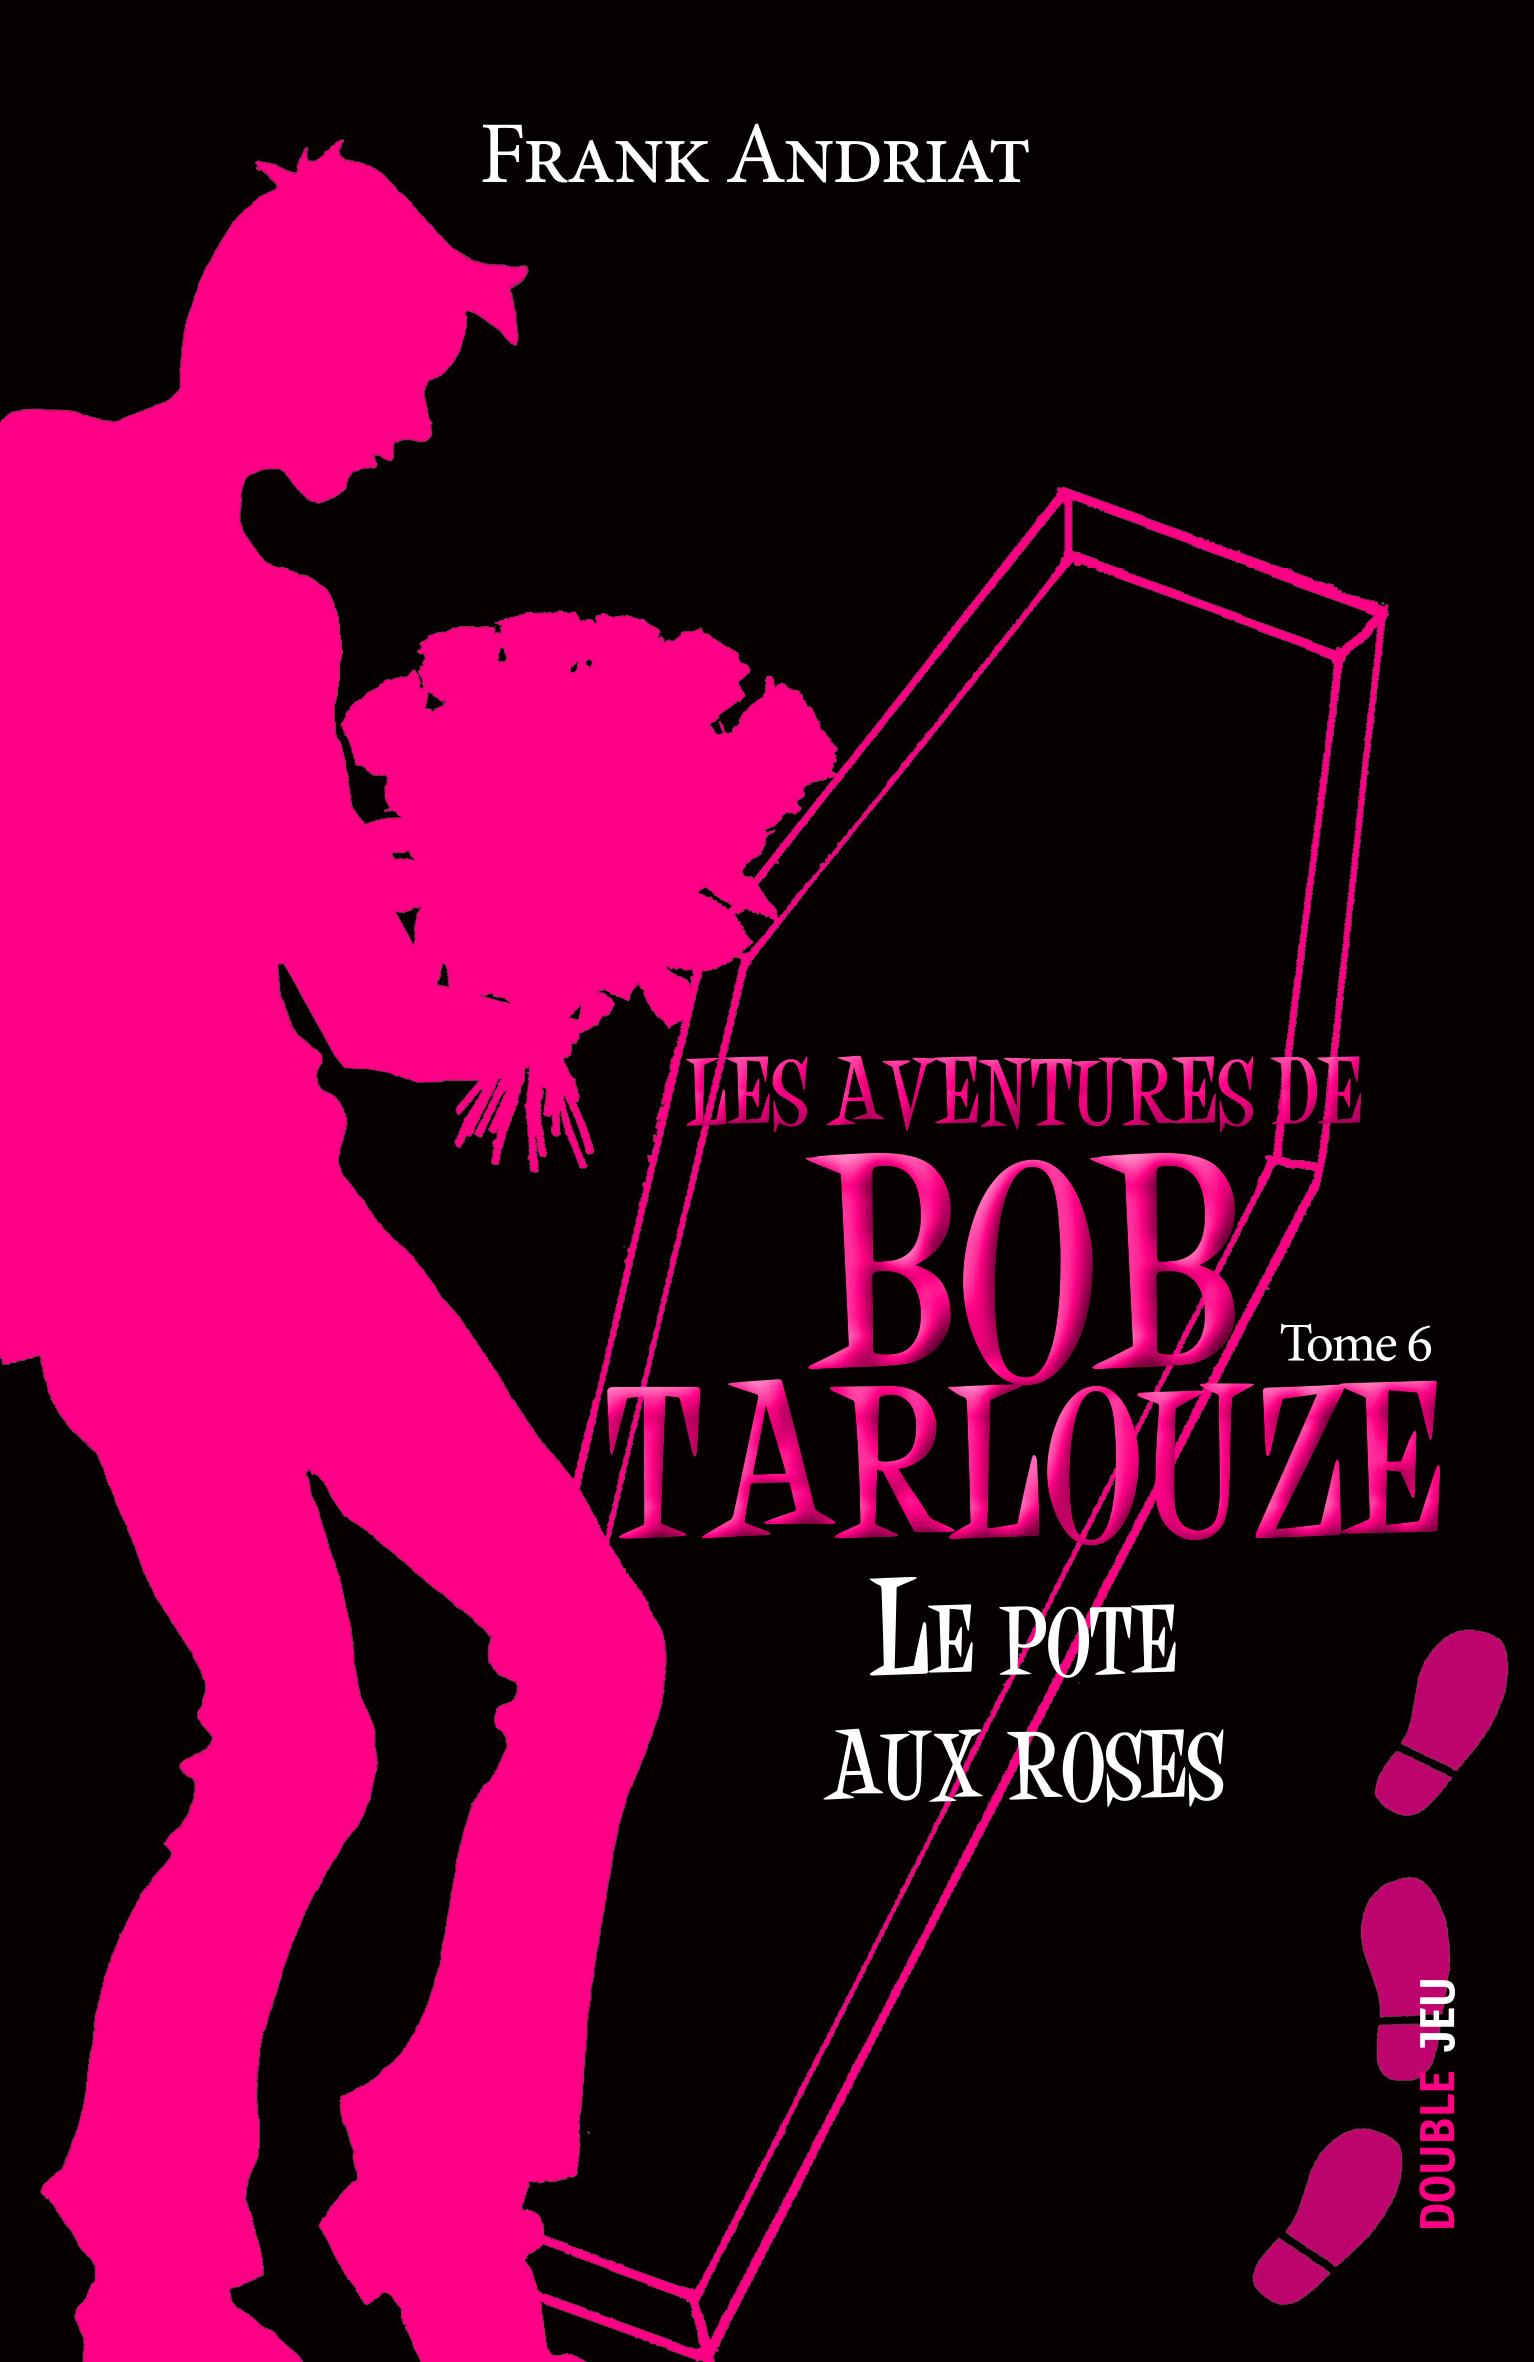 Les aventures de Bob Tarlouze (tome 6) : Le pote aux roses